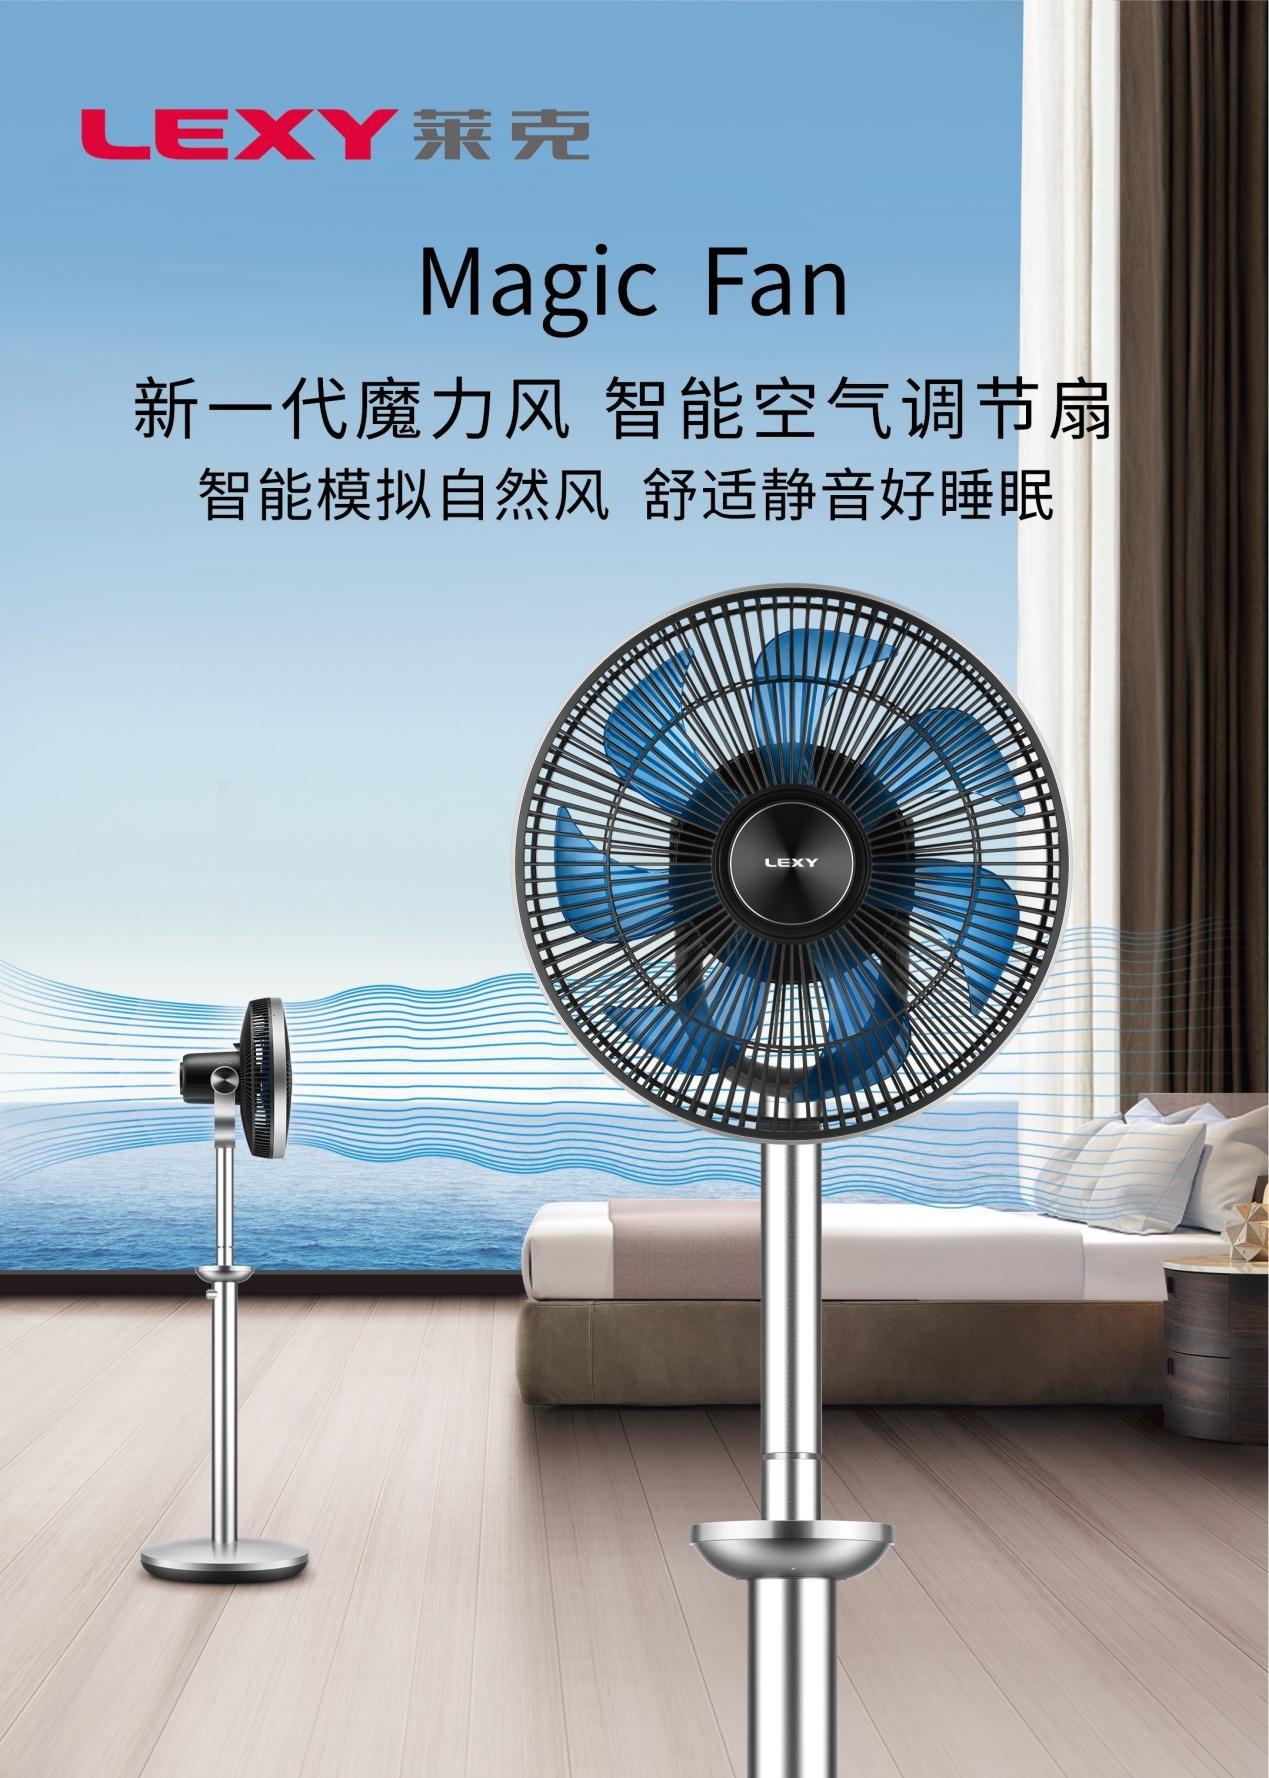 莱克空气调节扇F701,全屋控温的顶级体验